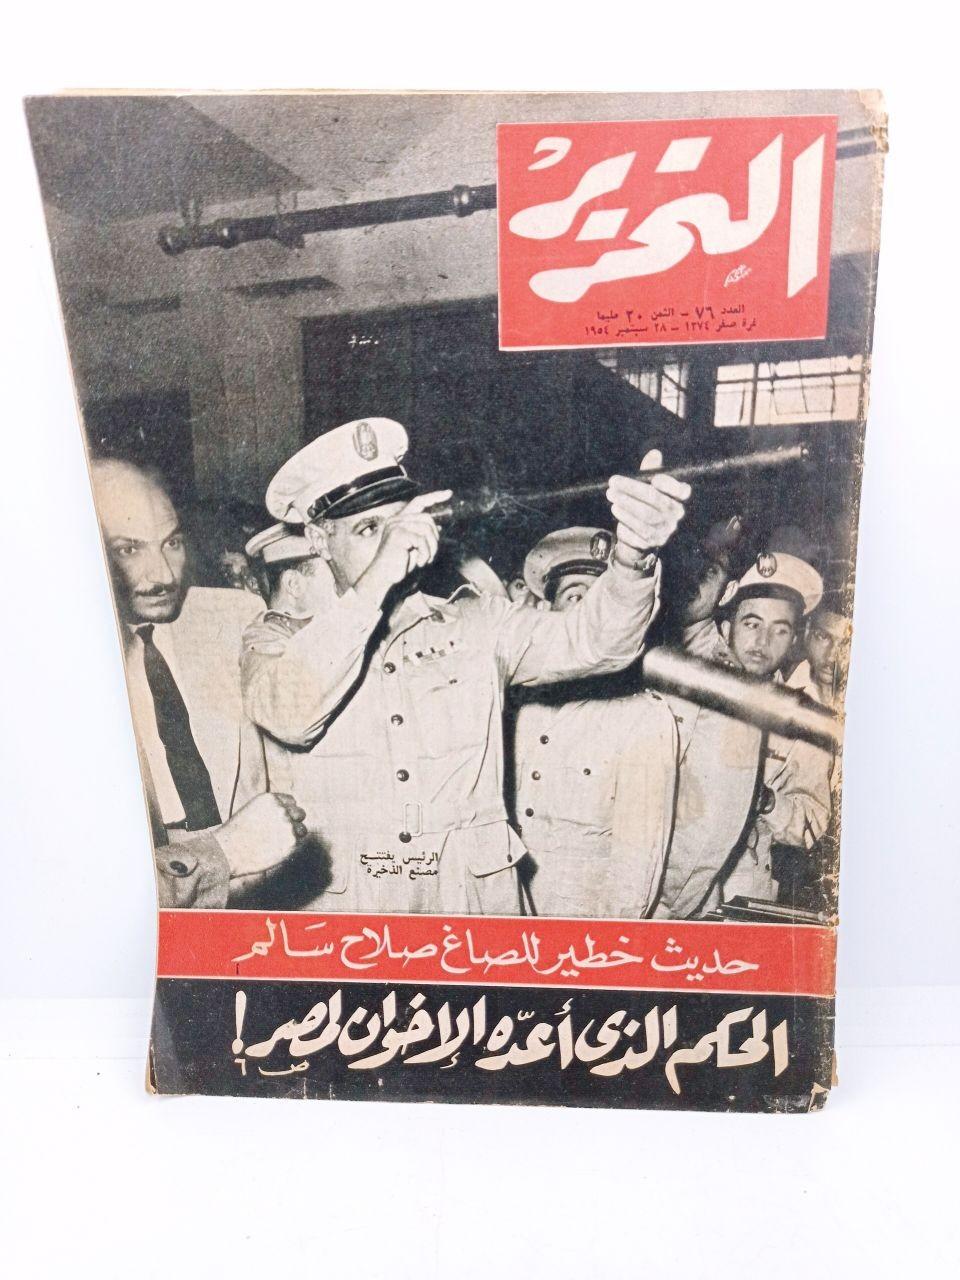 التحرير - الرئيس يفتتح مصنع الذخيرة